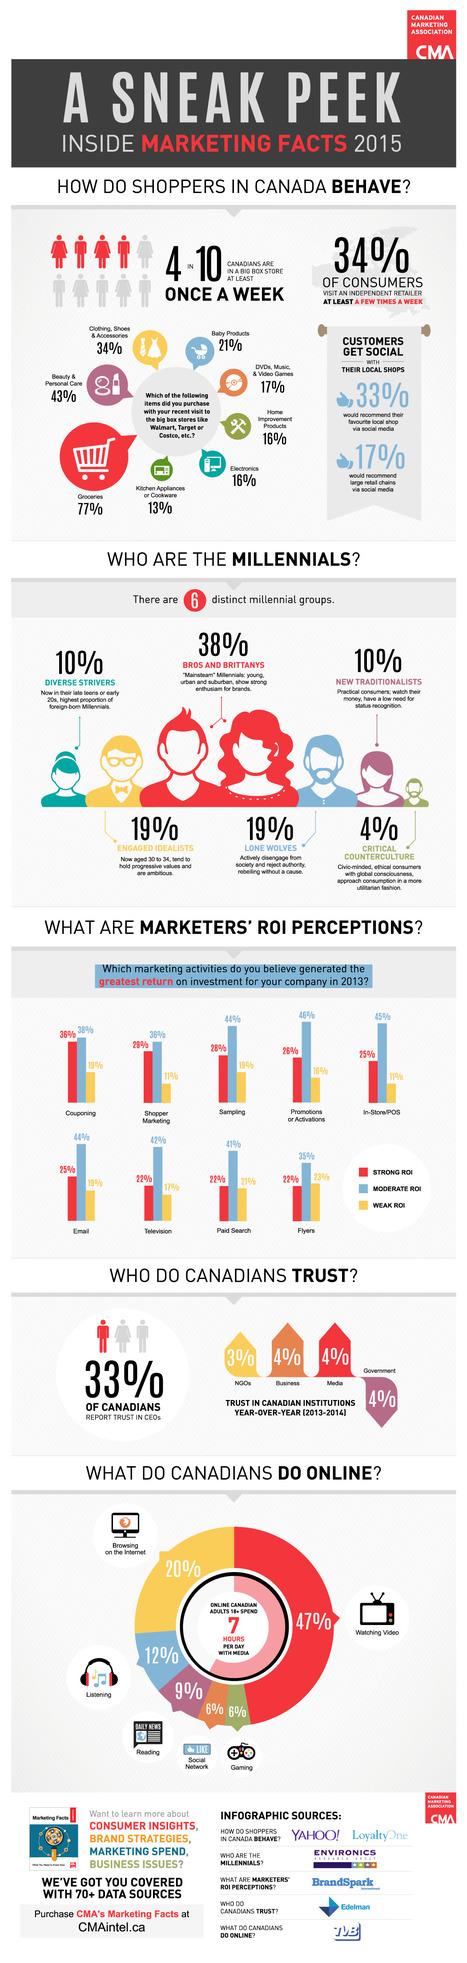 Different Species of Millennials [INFOGRAPHIC] | Infographics | Scoop.it